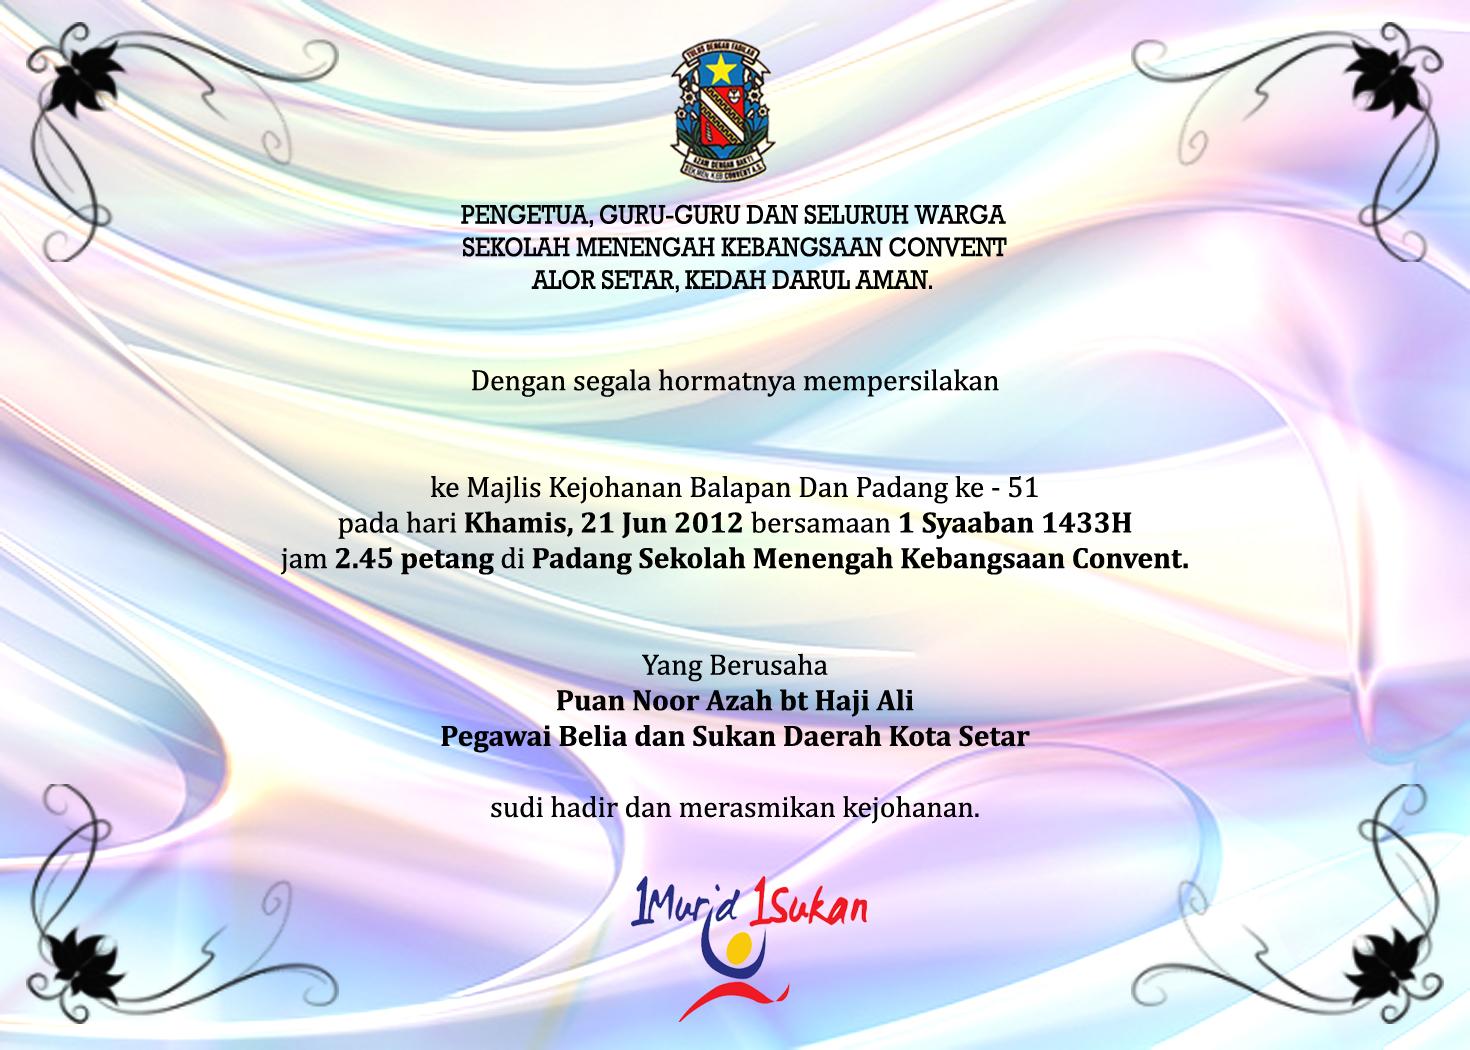 Awin Design Kad Jemputan Majlis Kejohanan Balapan Padang Smk Convent